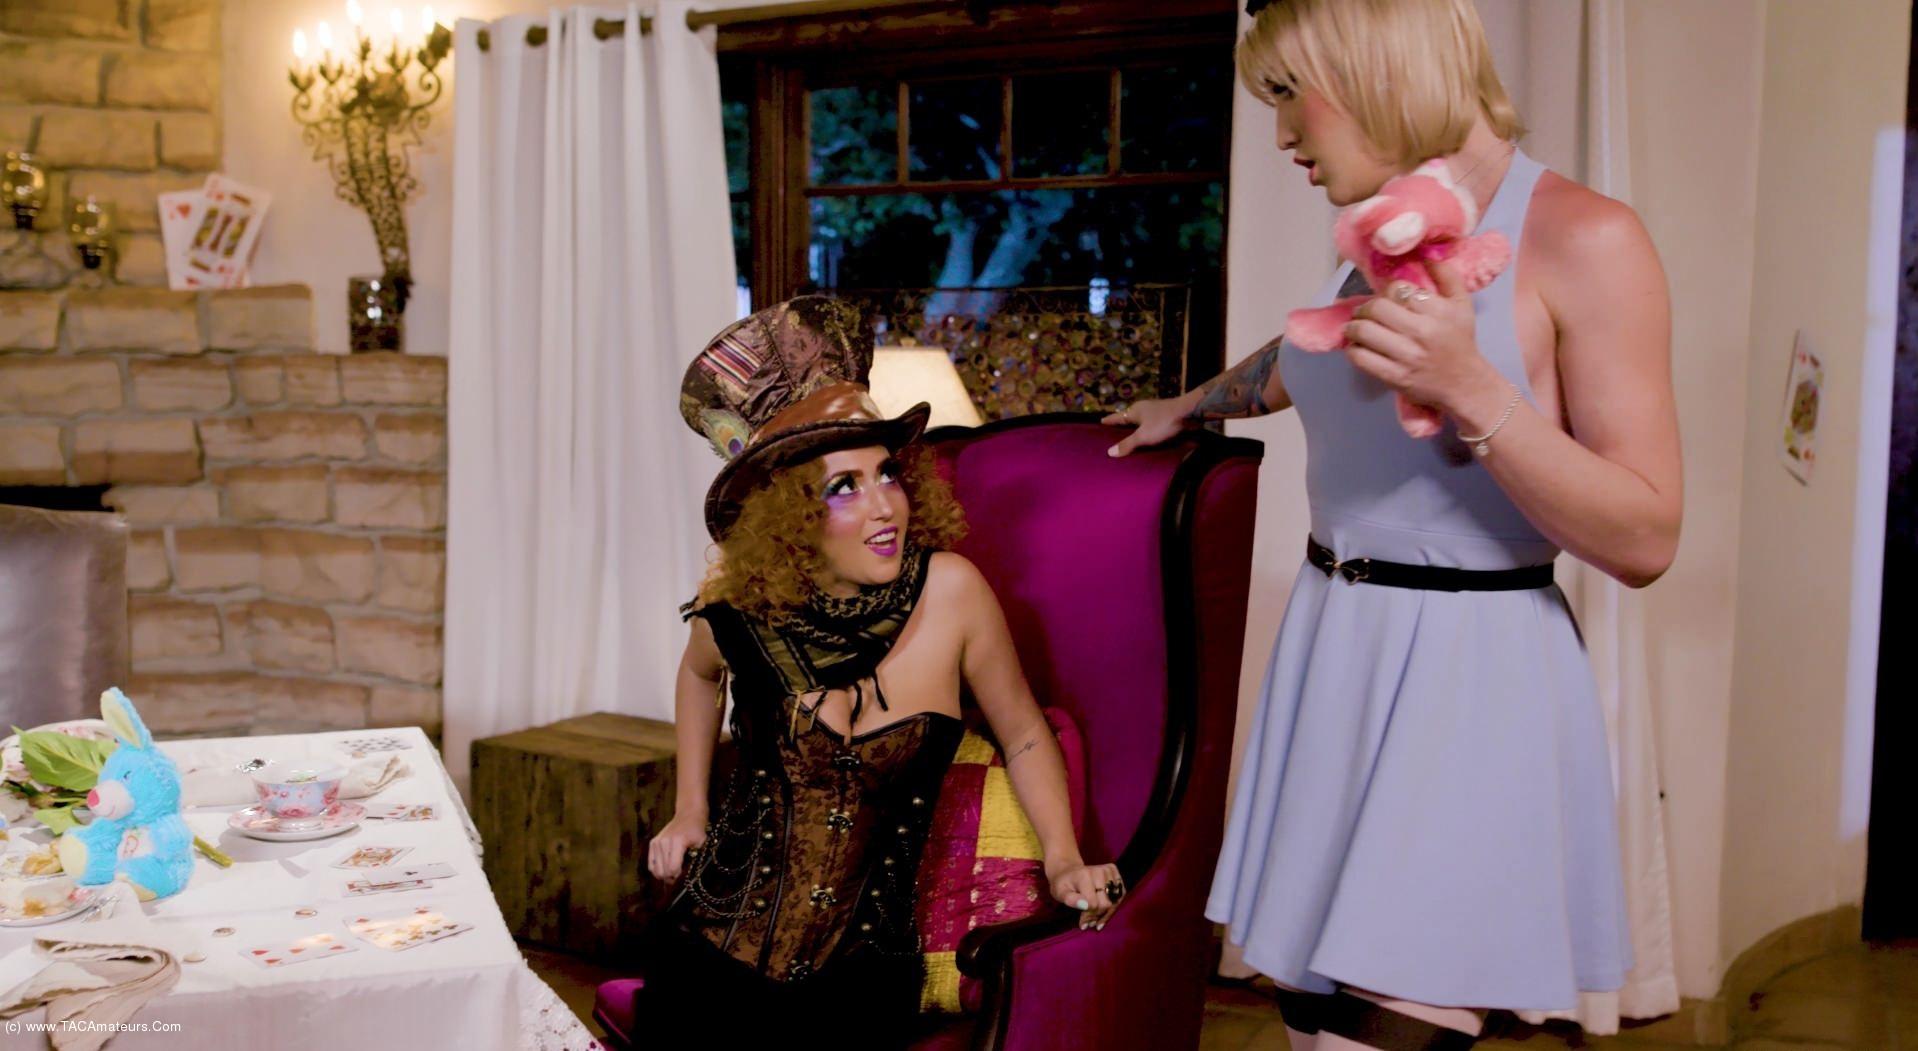 LenaKelly - Lena at the tranny tea party 2 scene 0